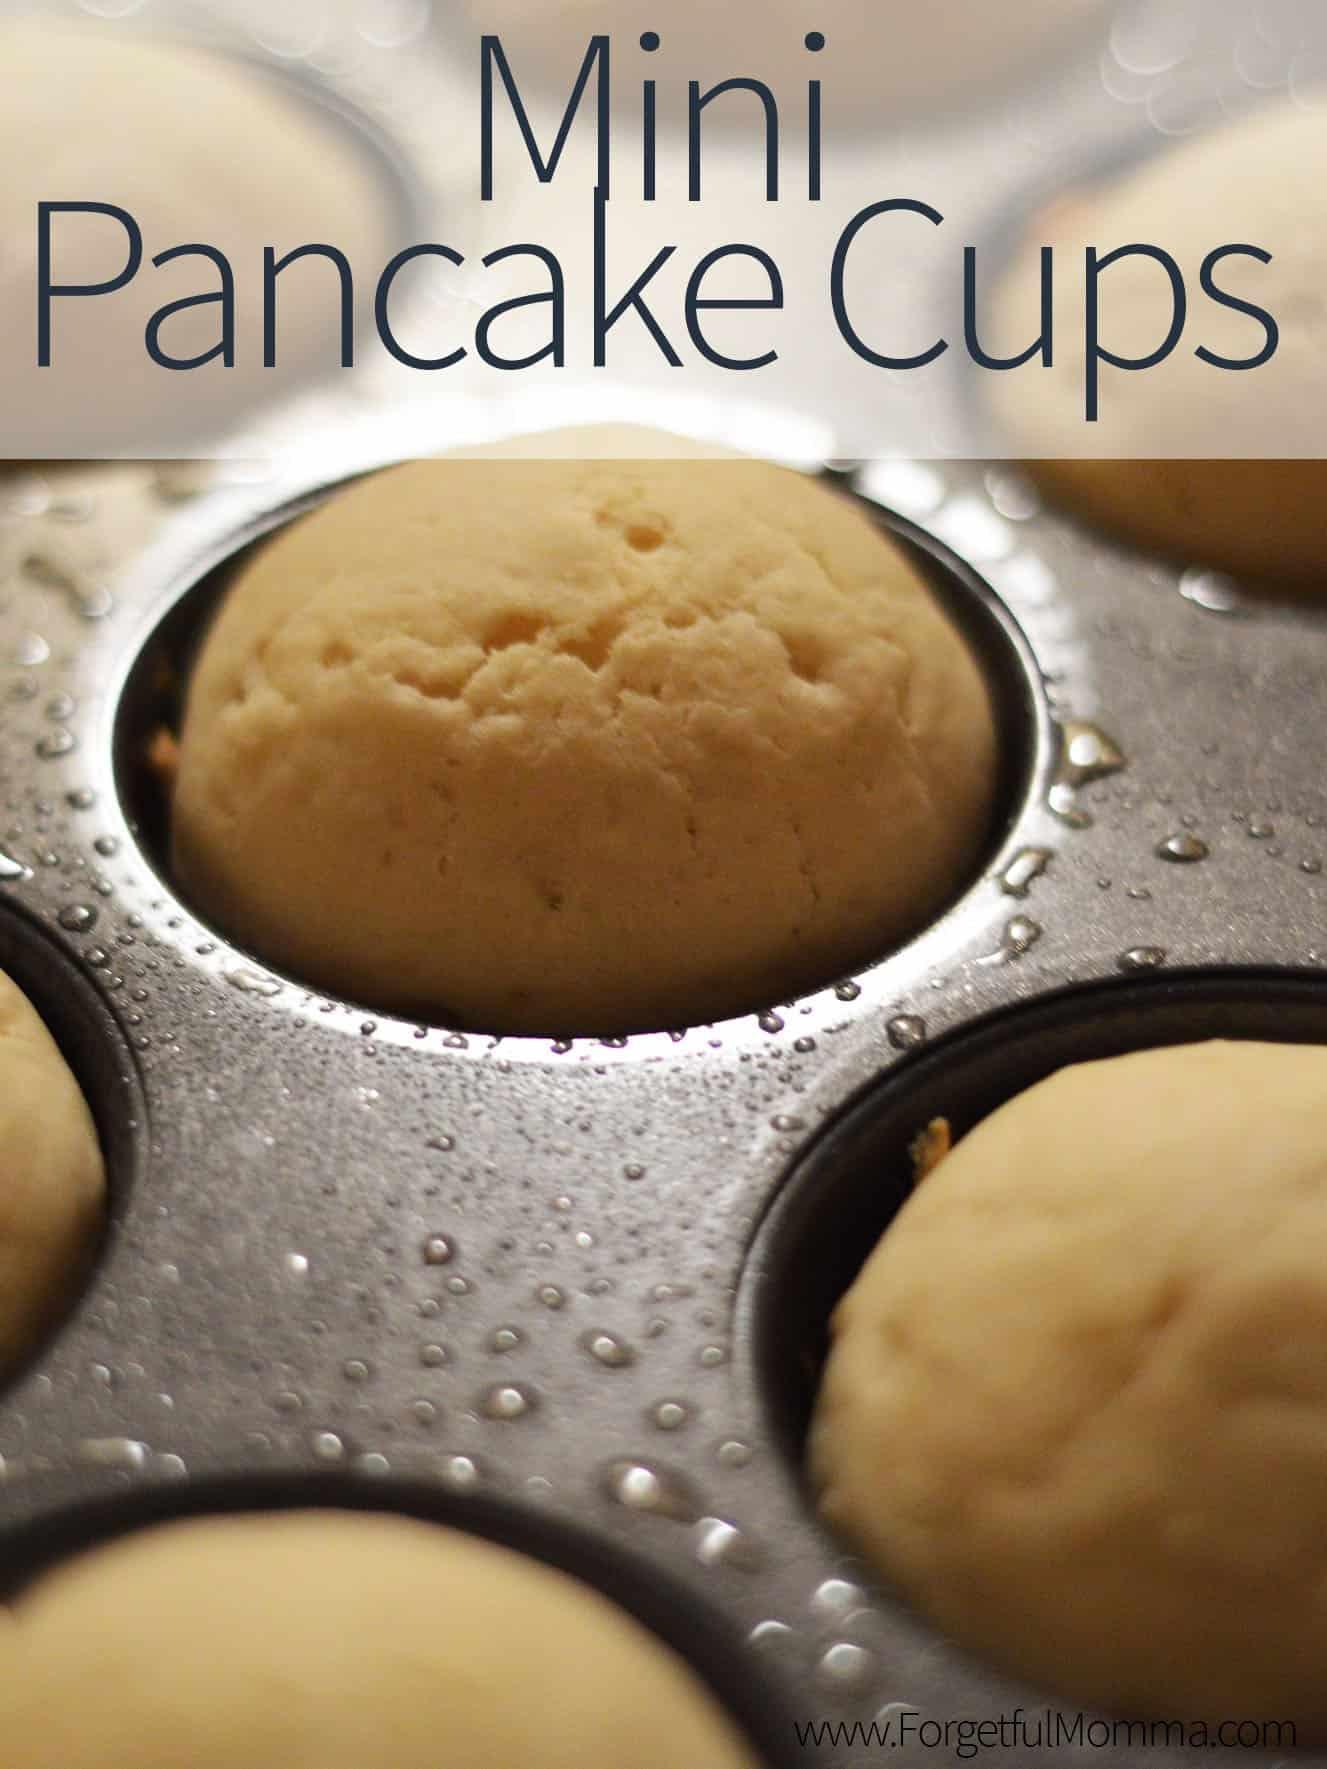 Mini Pancake Cups